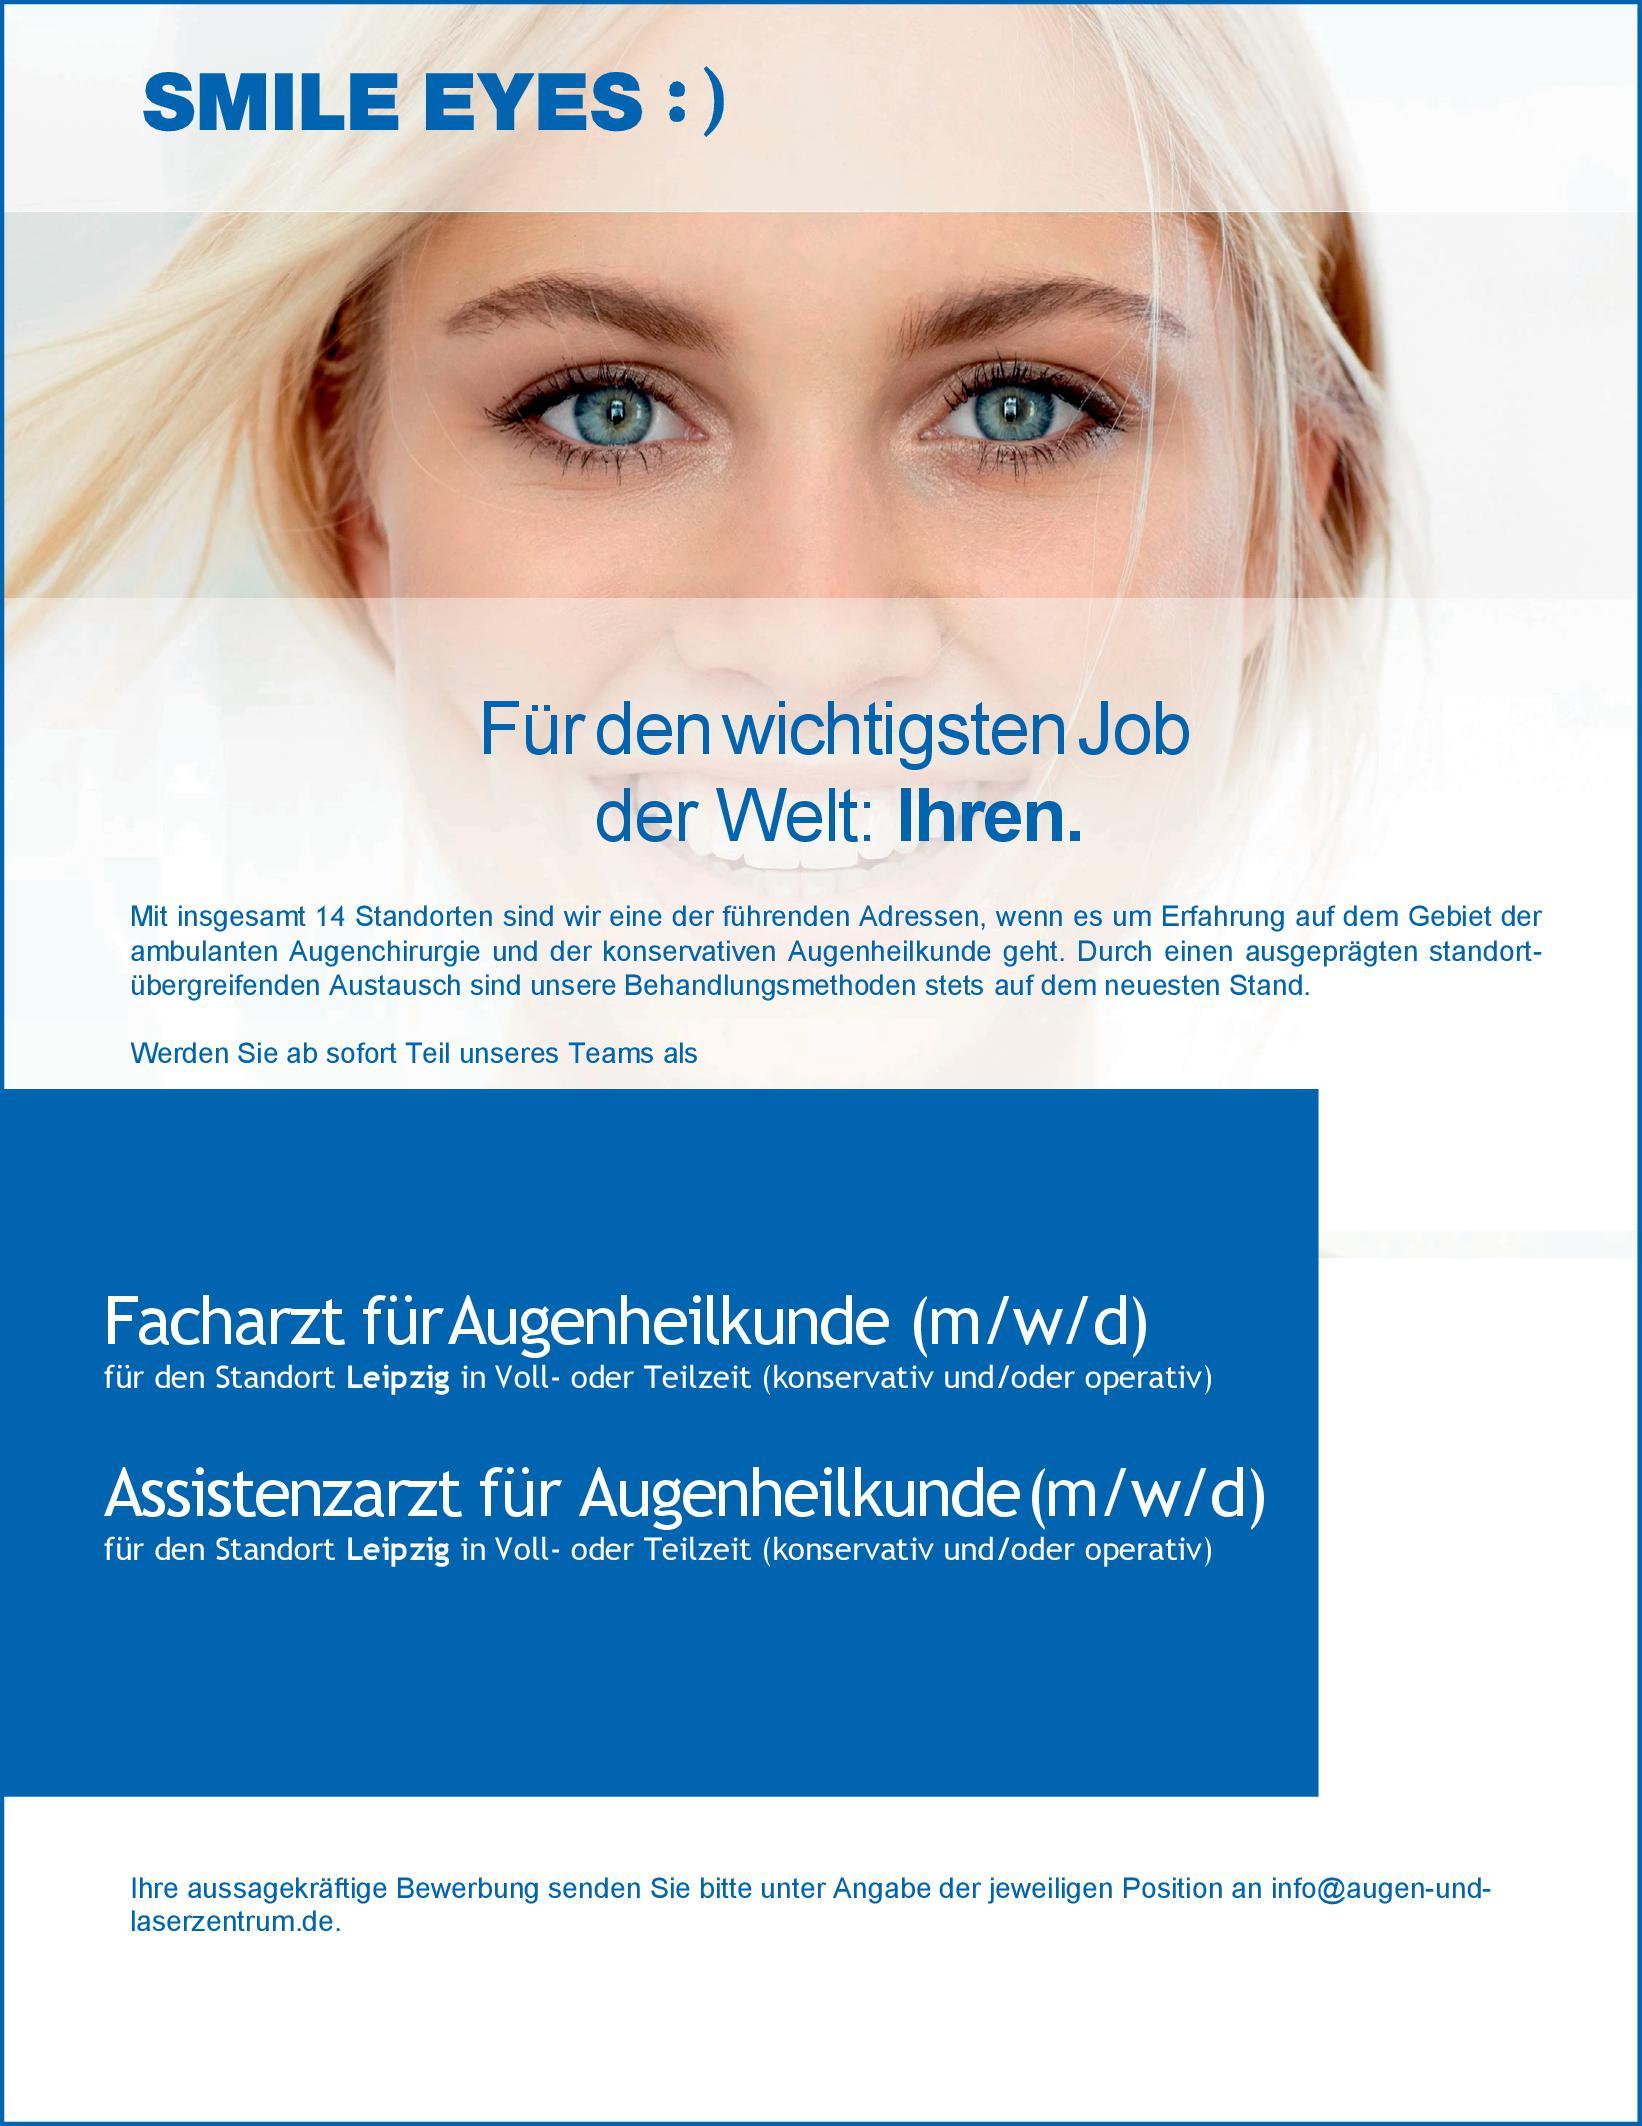 SMILE EYES Facharzt für Augenheilkunde (m/w/d) Augenheilkunde Arzt / Facharzt